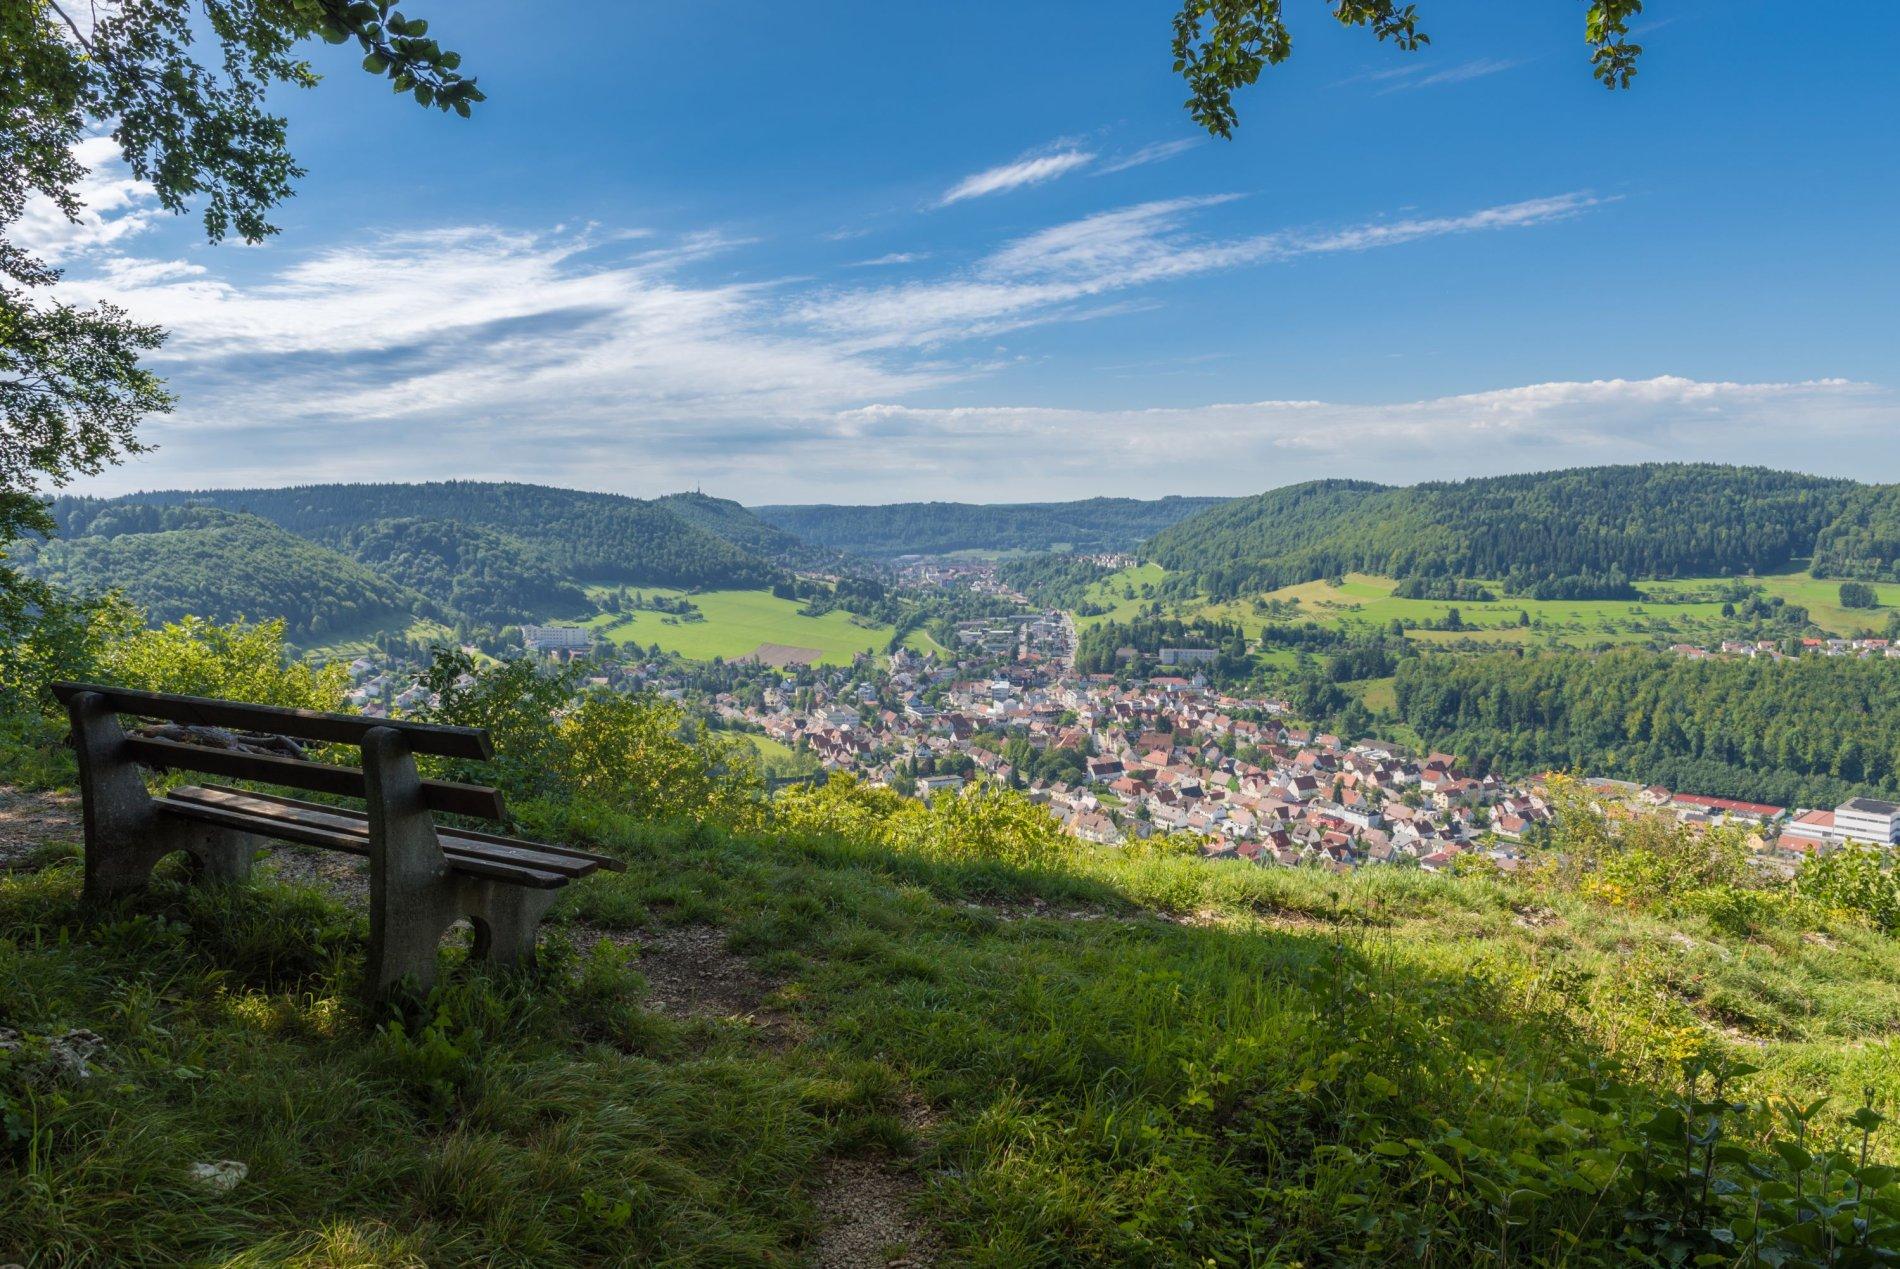 Sagenhafter Ausblick vom Leimenfels auf Albstadt-Truchtelfingen